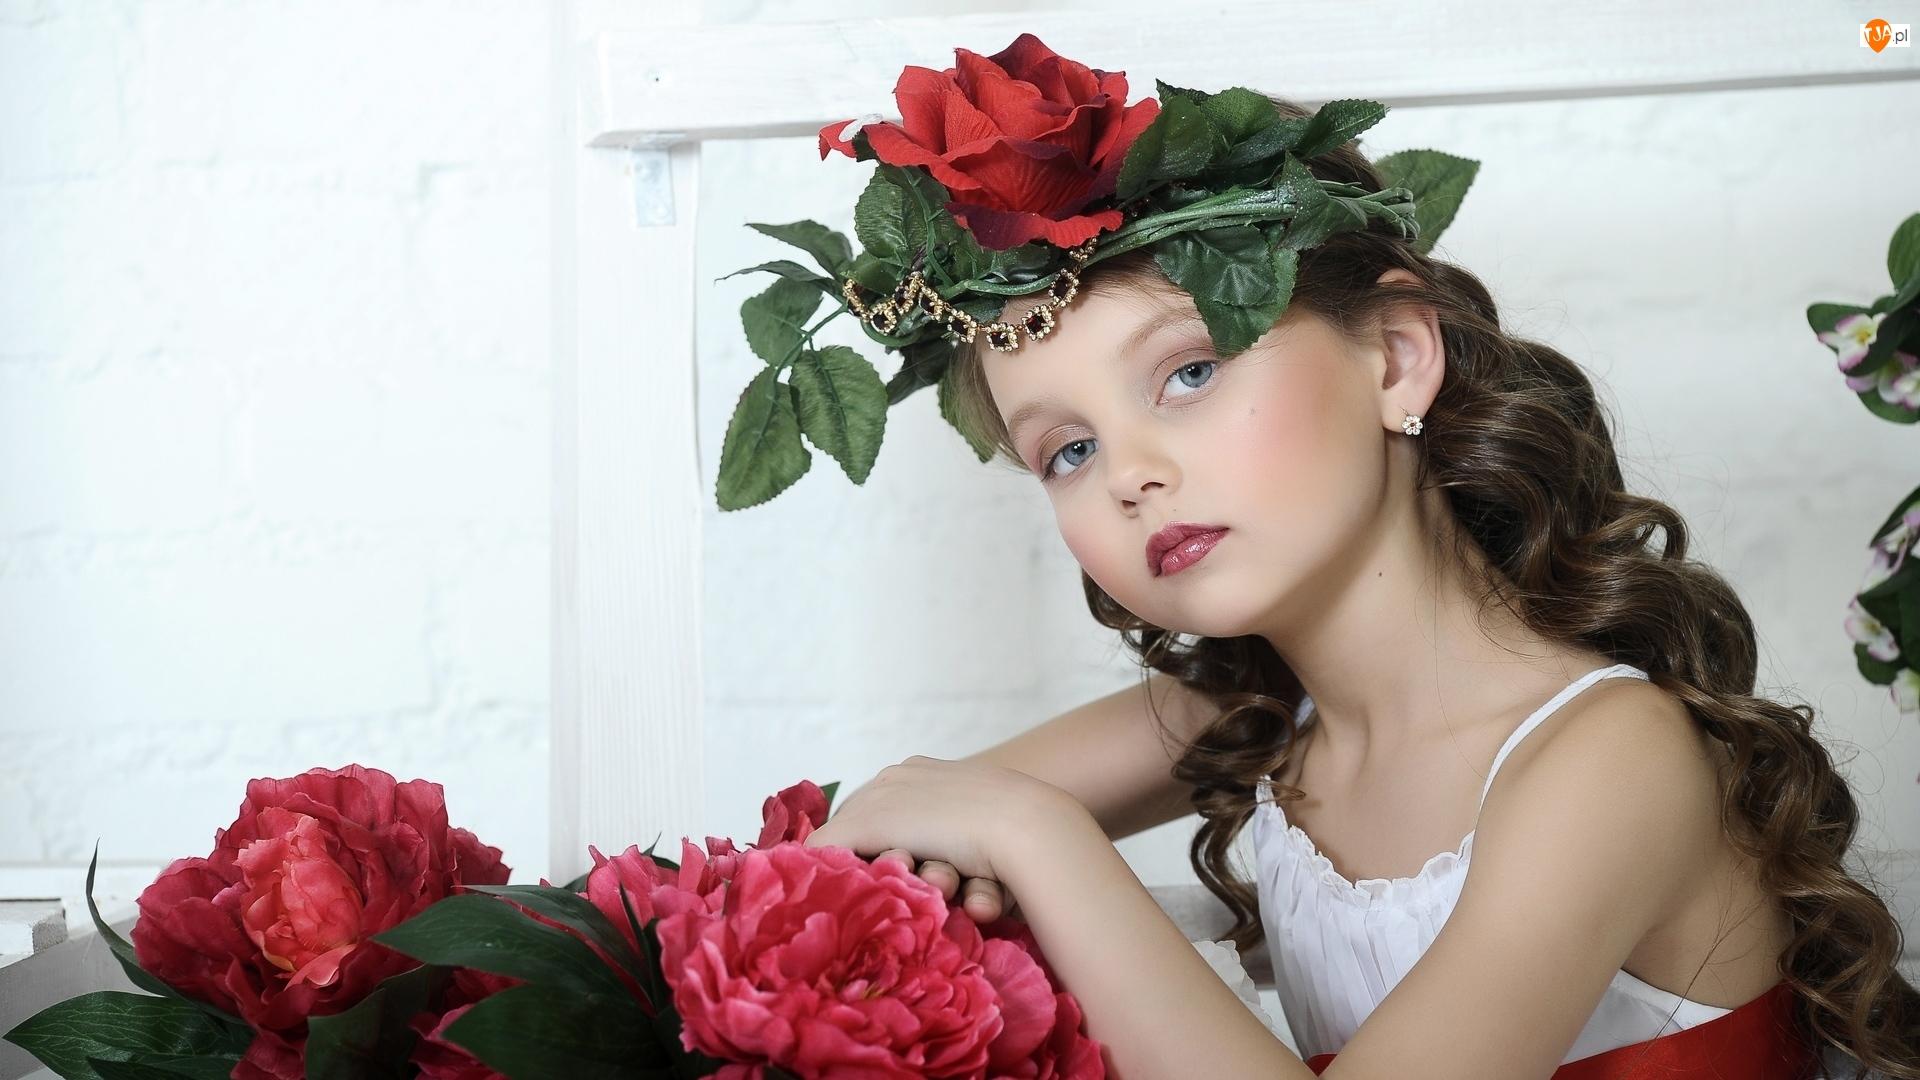 Róża, Dziewczynka, Wianek, Czerwona